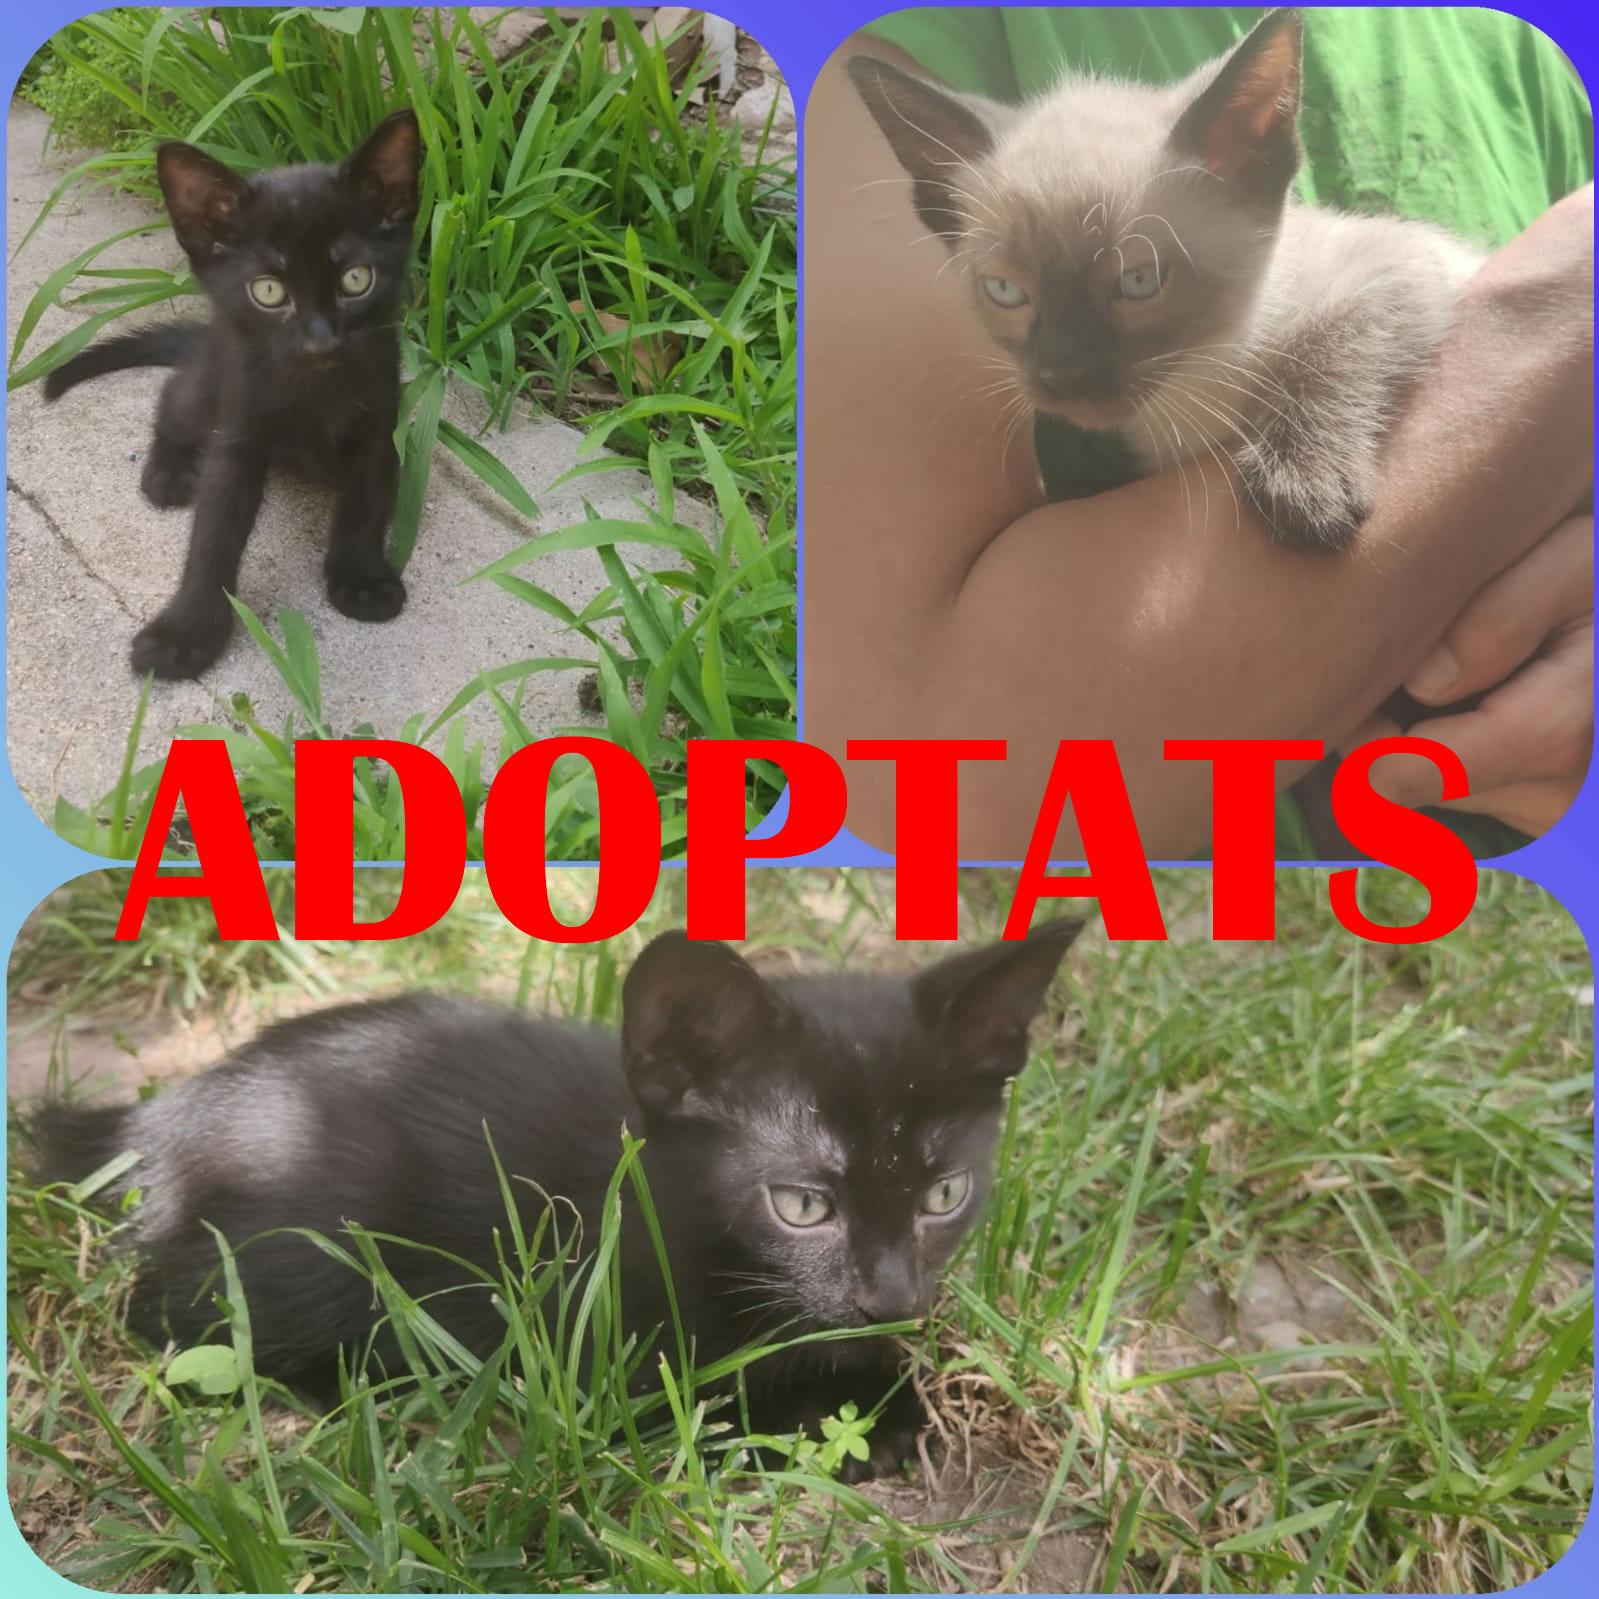 Gatets en adopció a Cabanes